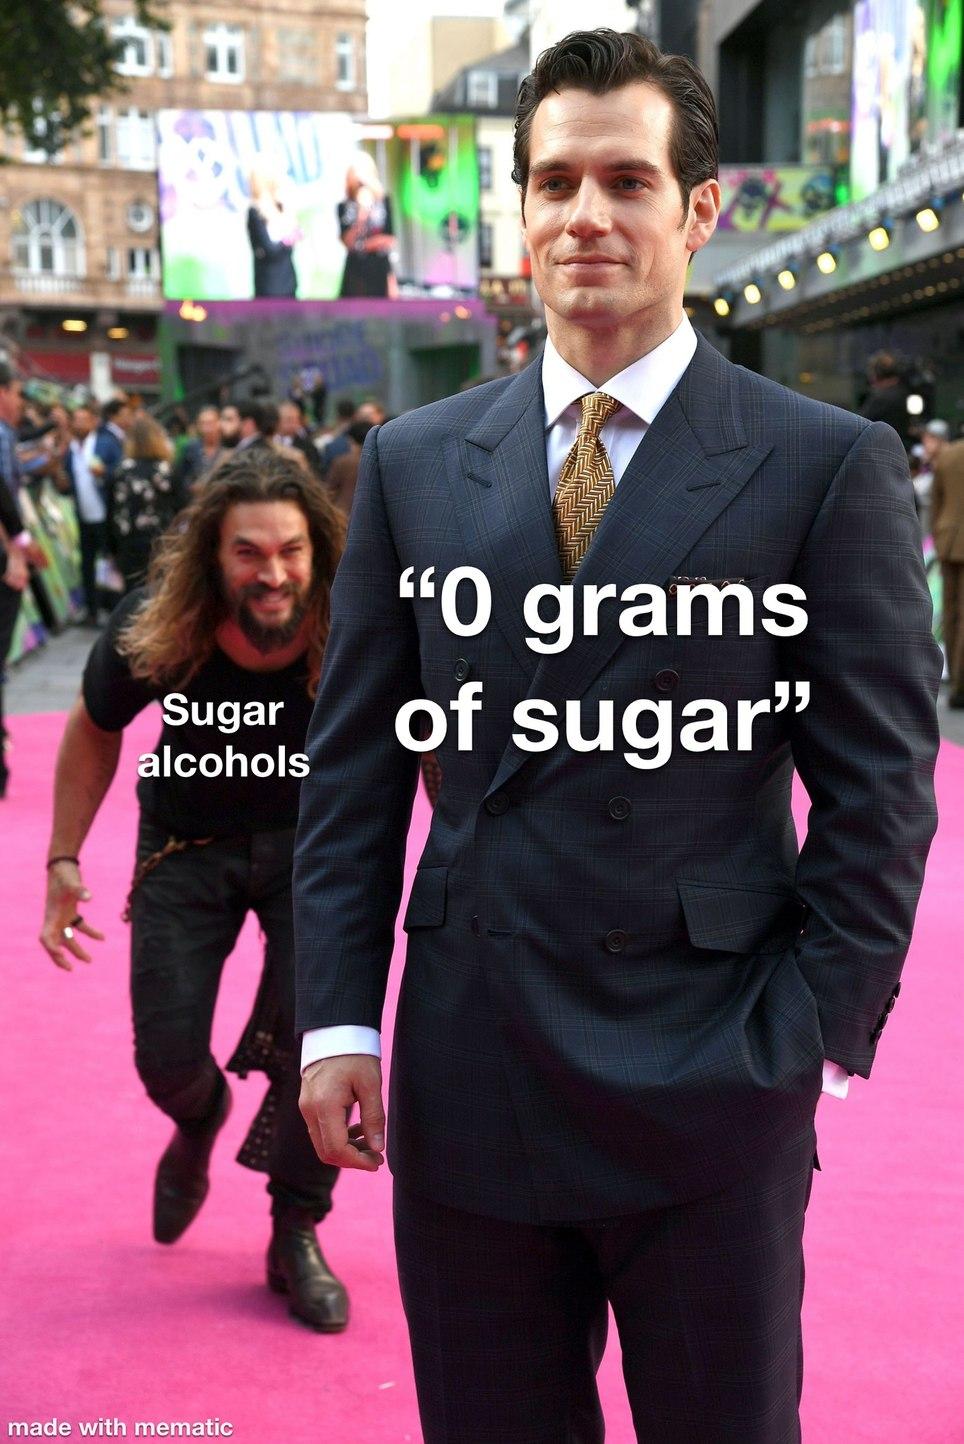 My bois on diets get it - meme